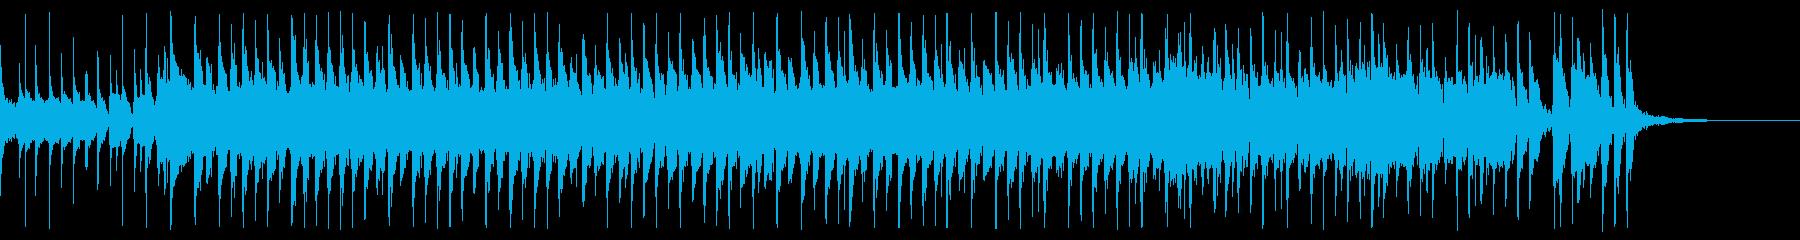 可愛い和風ポップロックの再生済みの波形